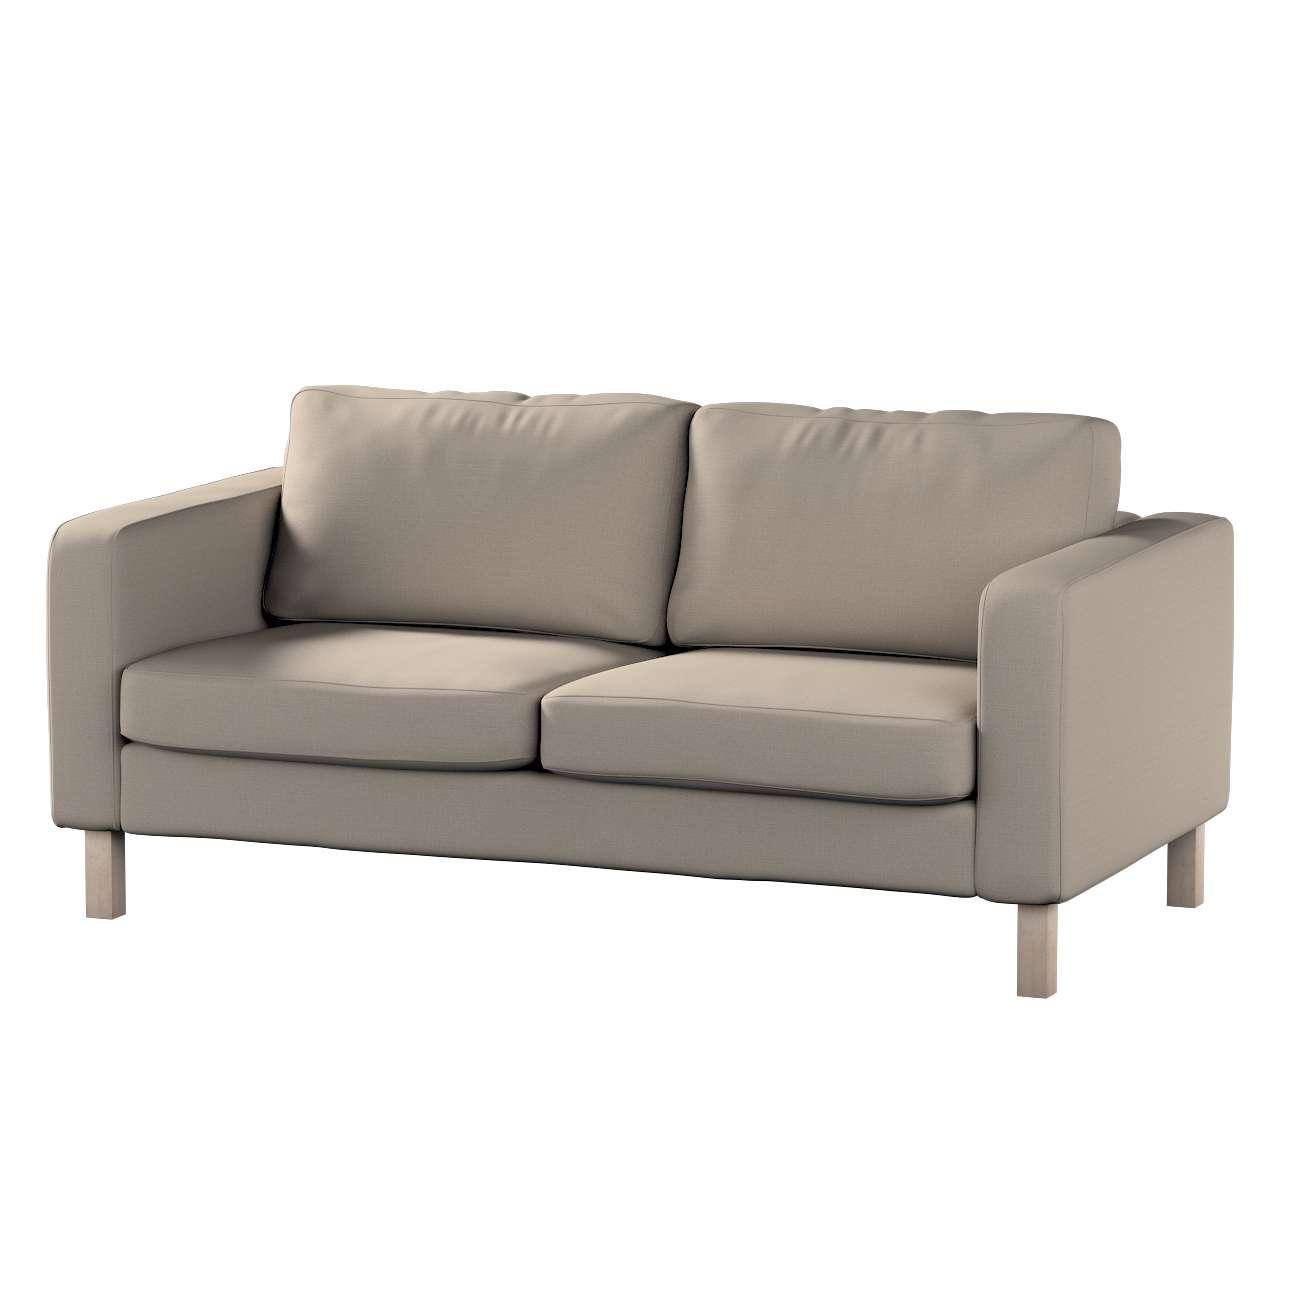 Pokrowiec na sofę Karlstad 2-osobową nierozkładaną krótki w kolekcji Living, tkanina: 161-53